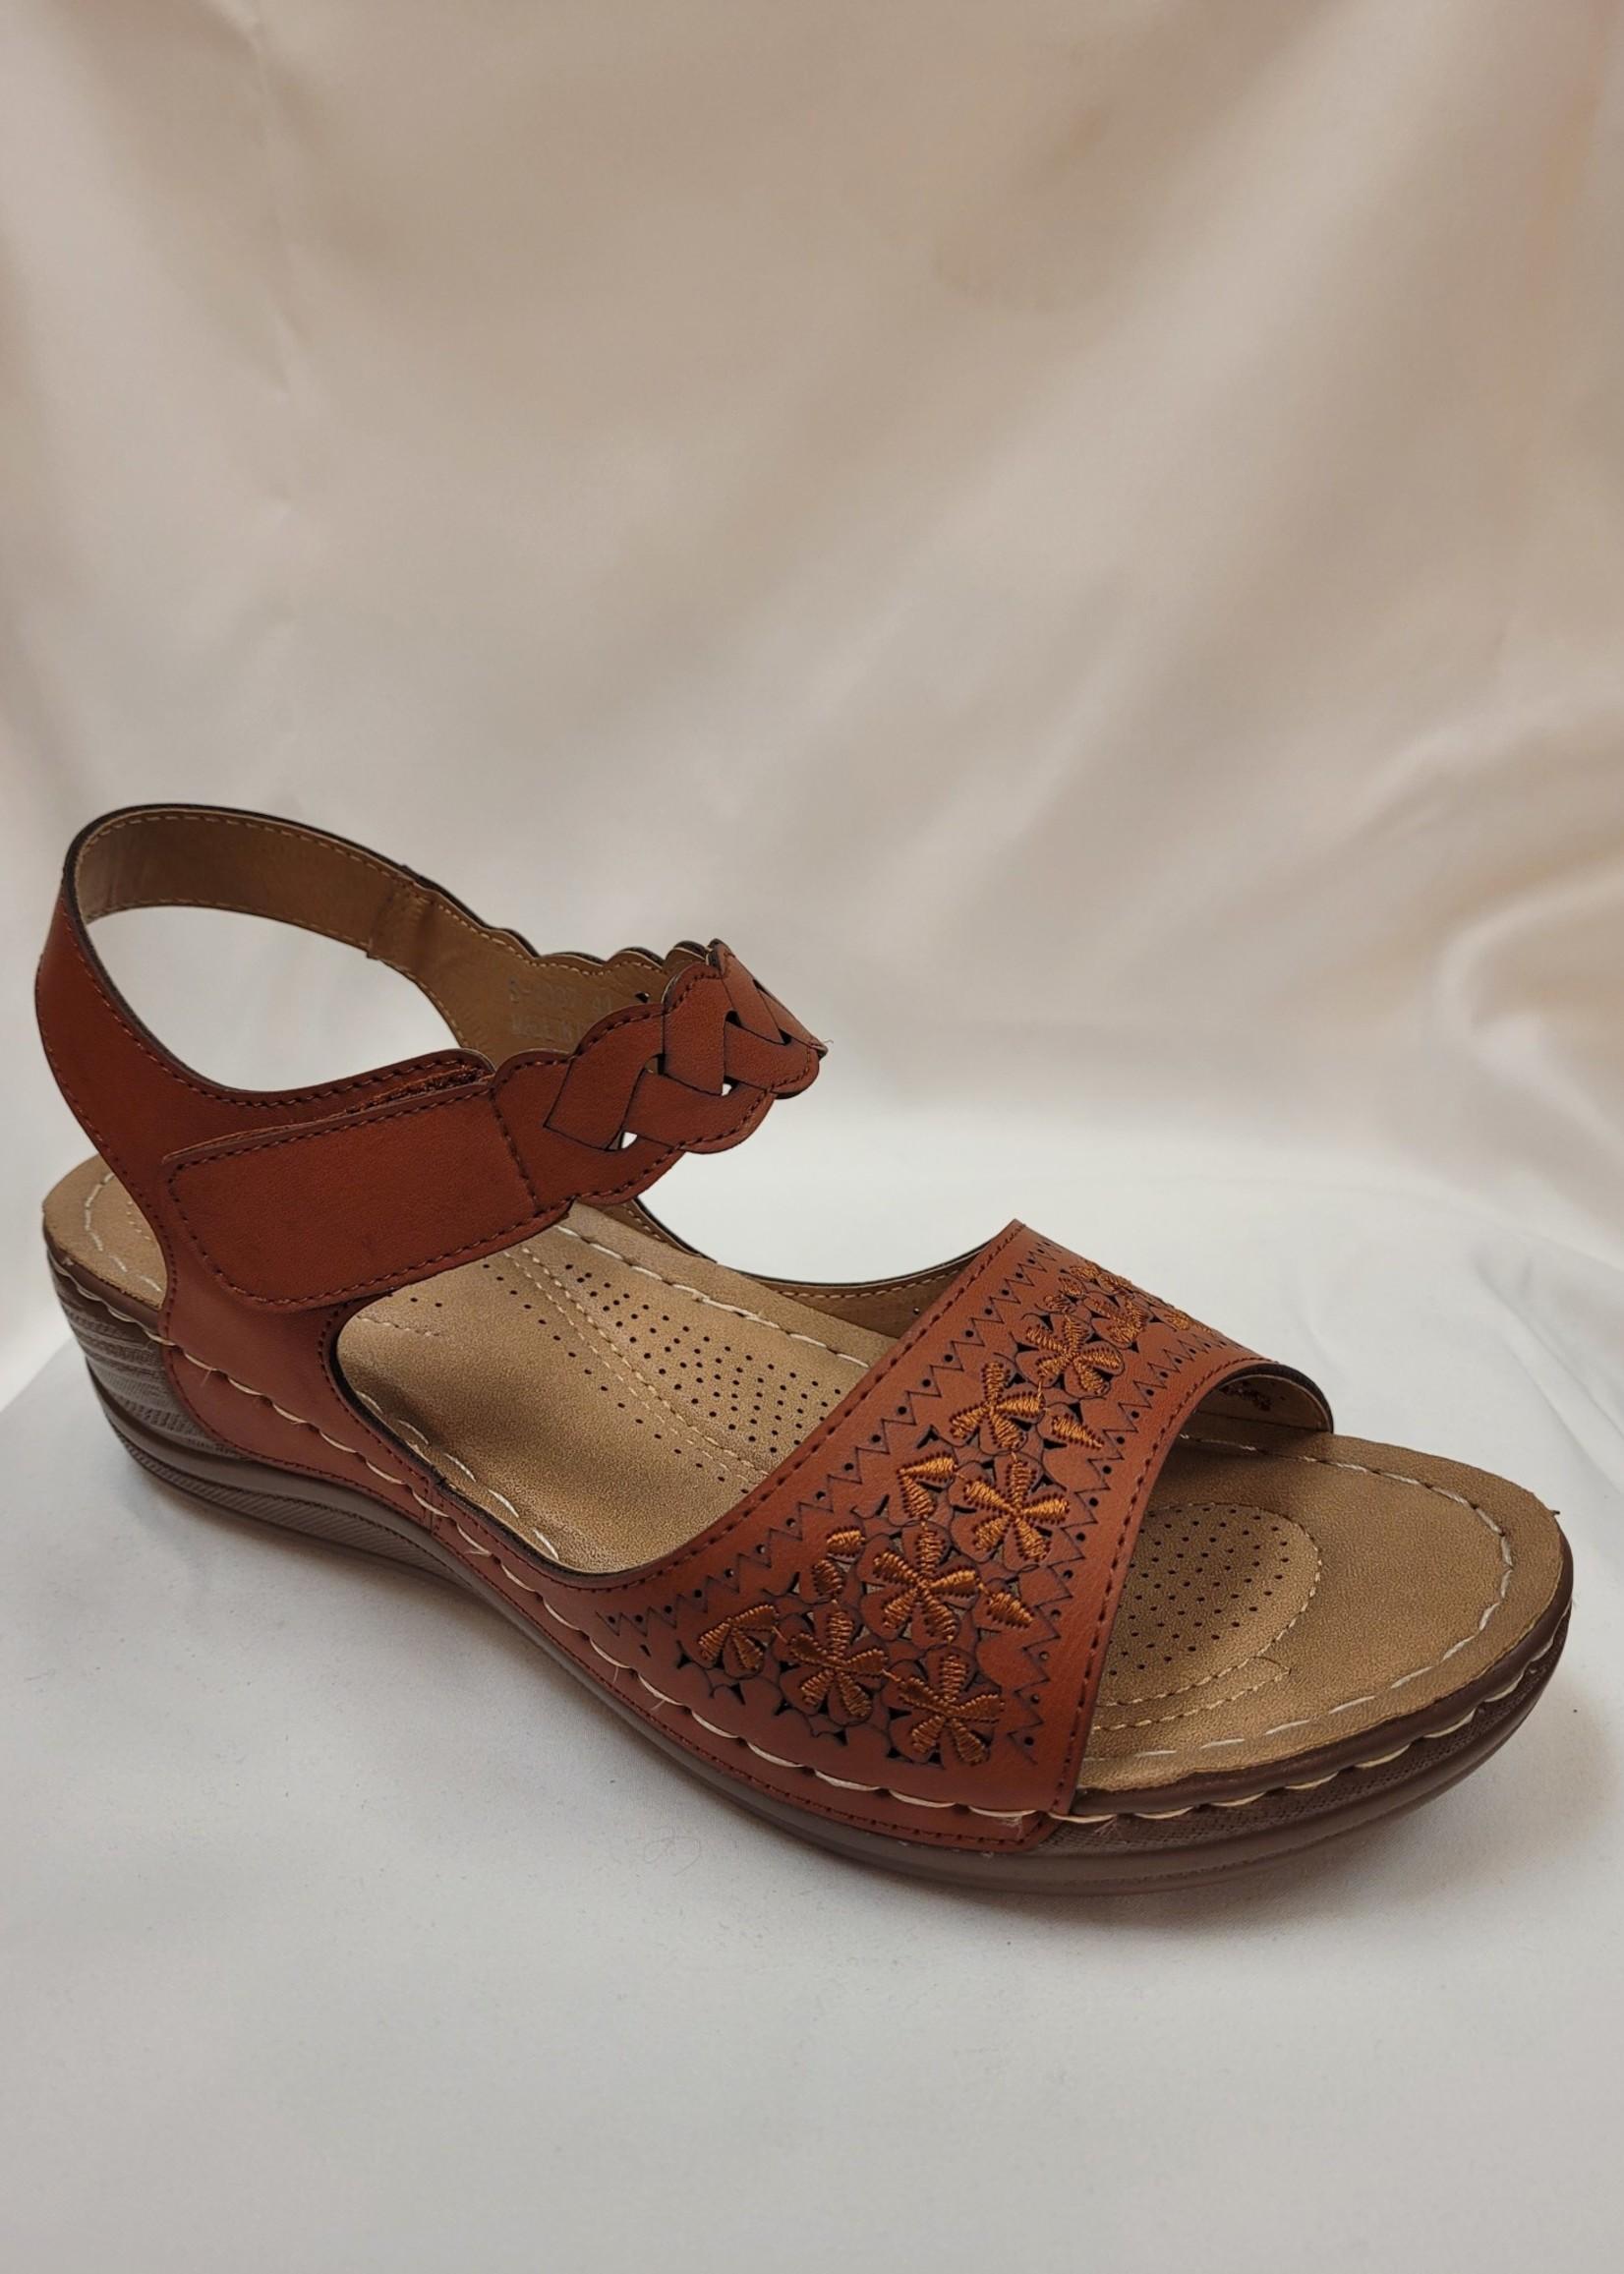 JJ sandal